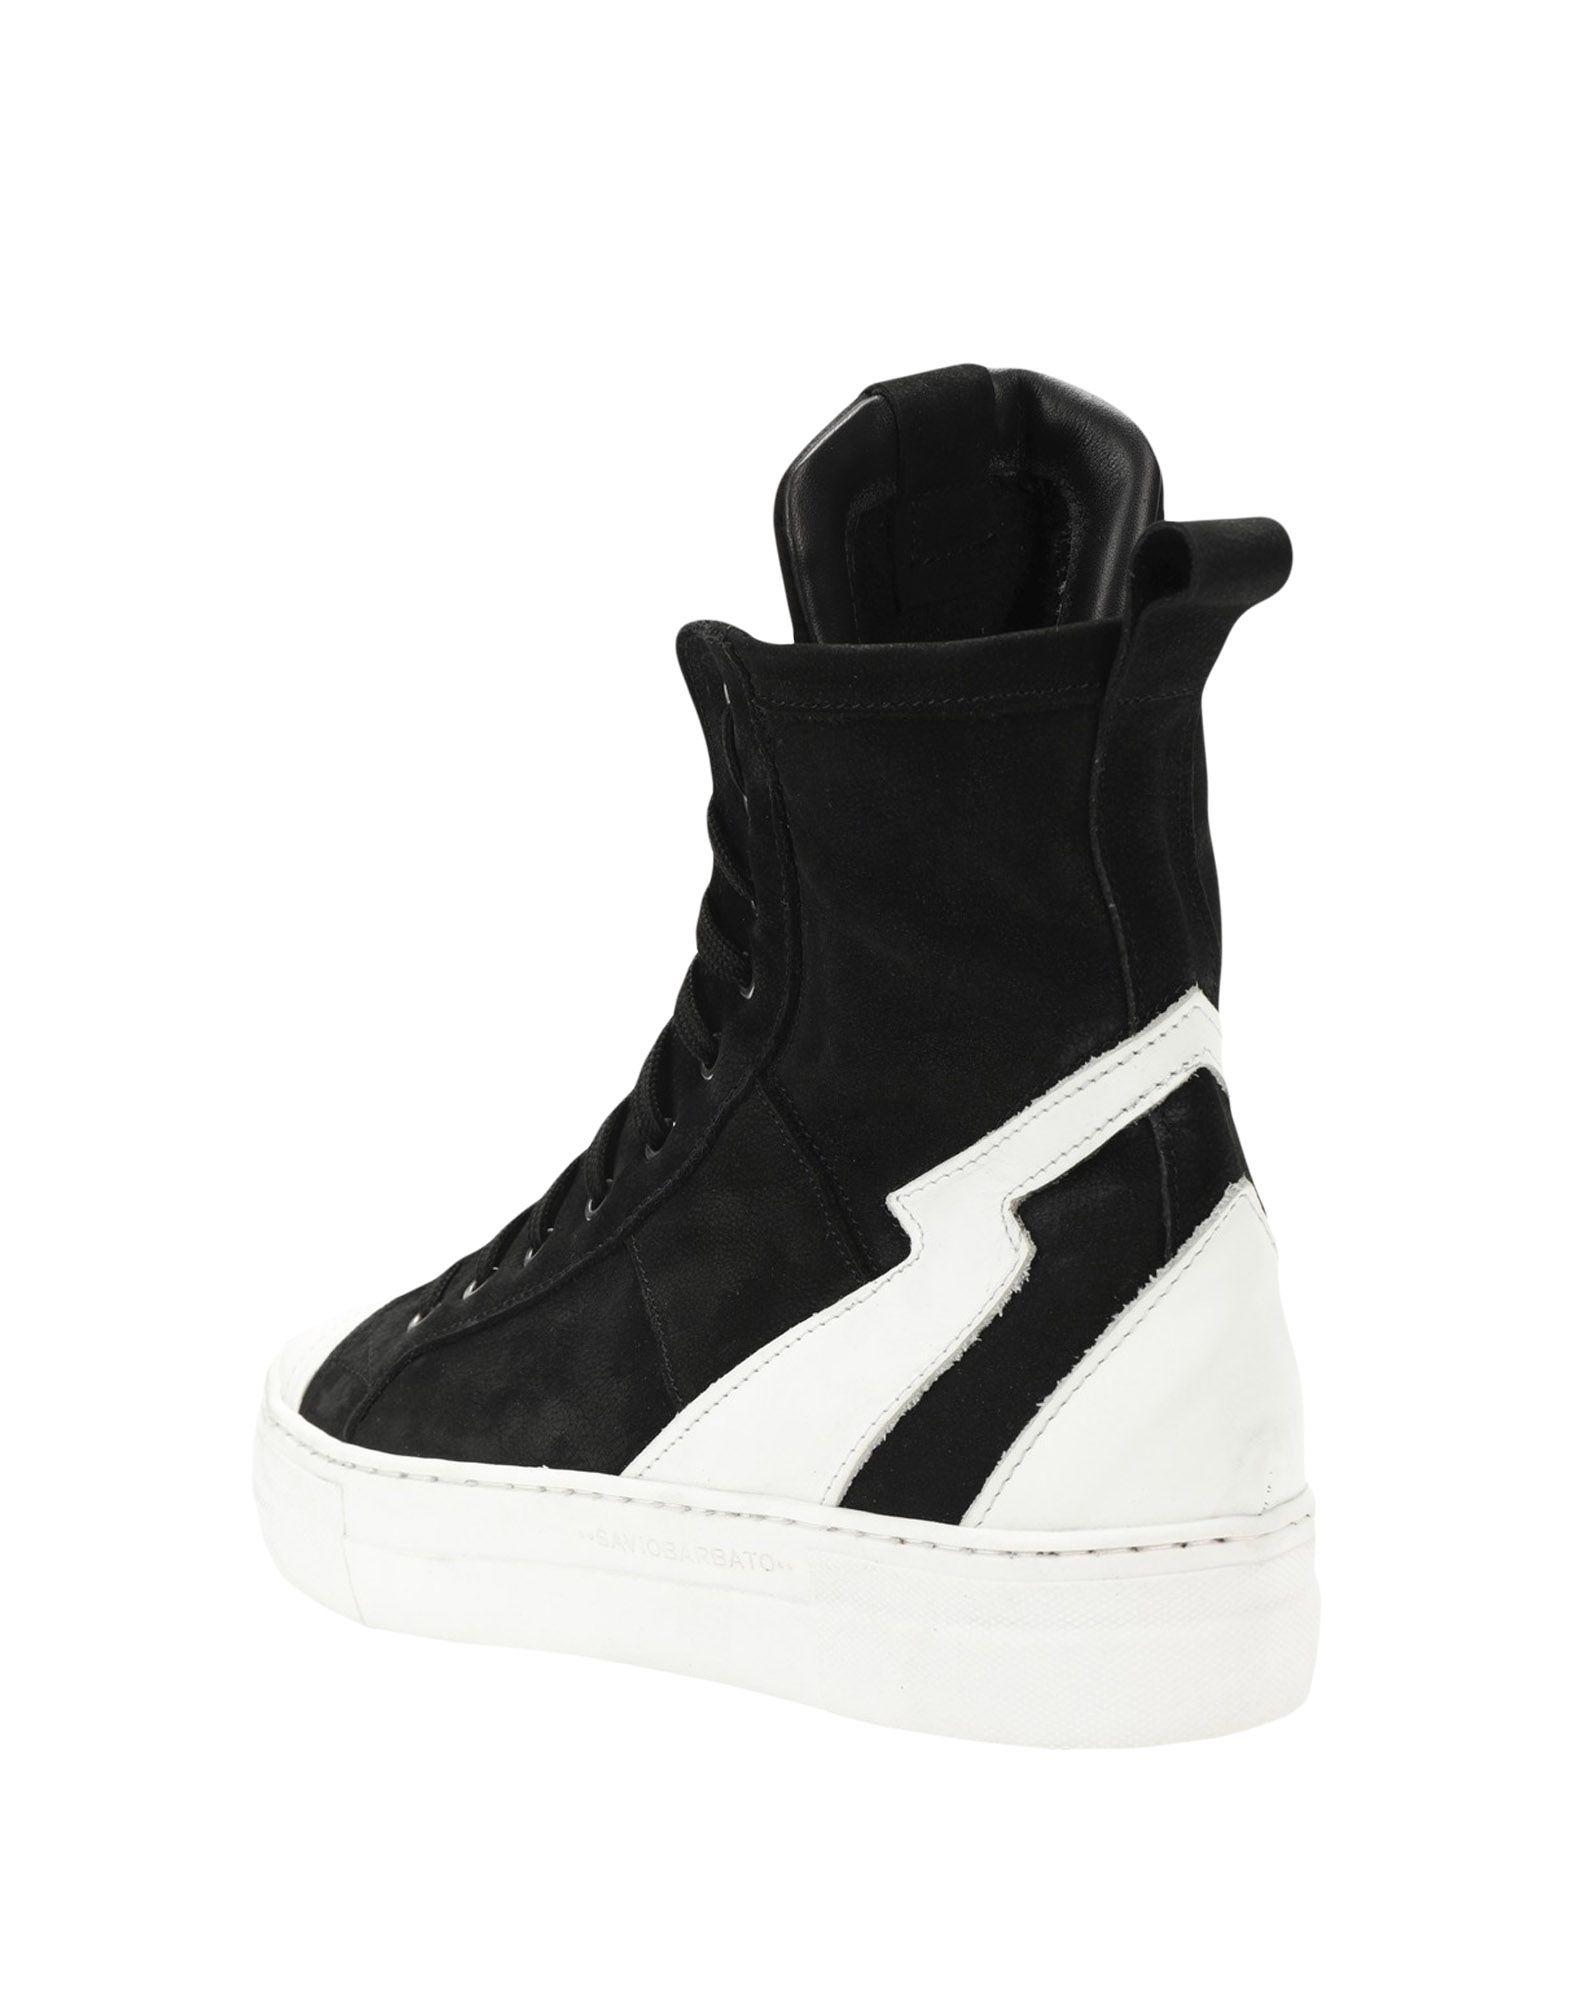 Savio  Barbato Sneakers Herren  Savio 11540070TH b4822a